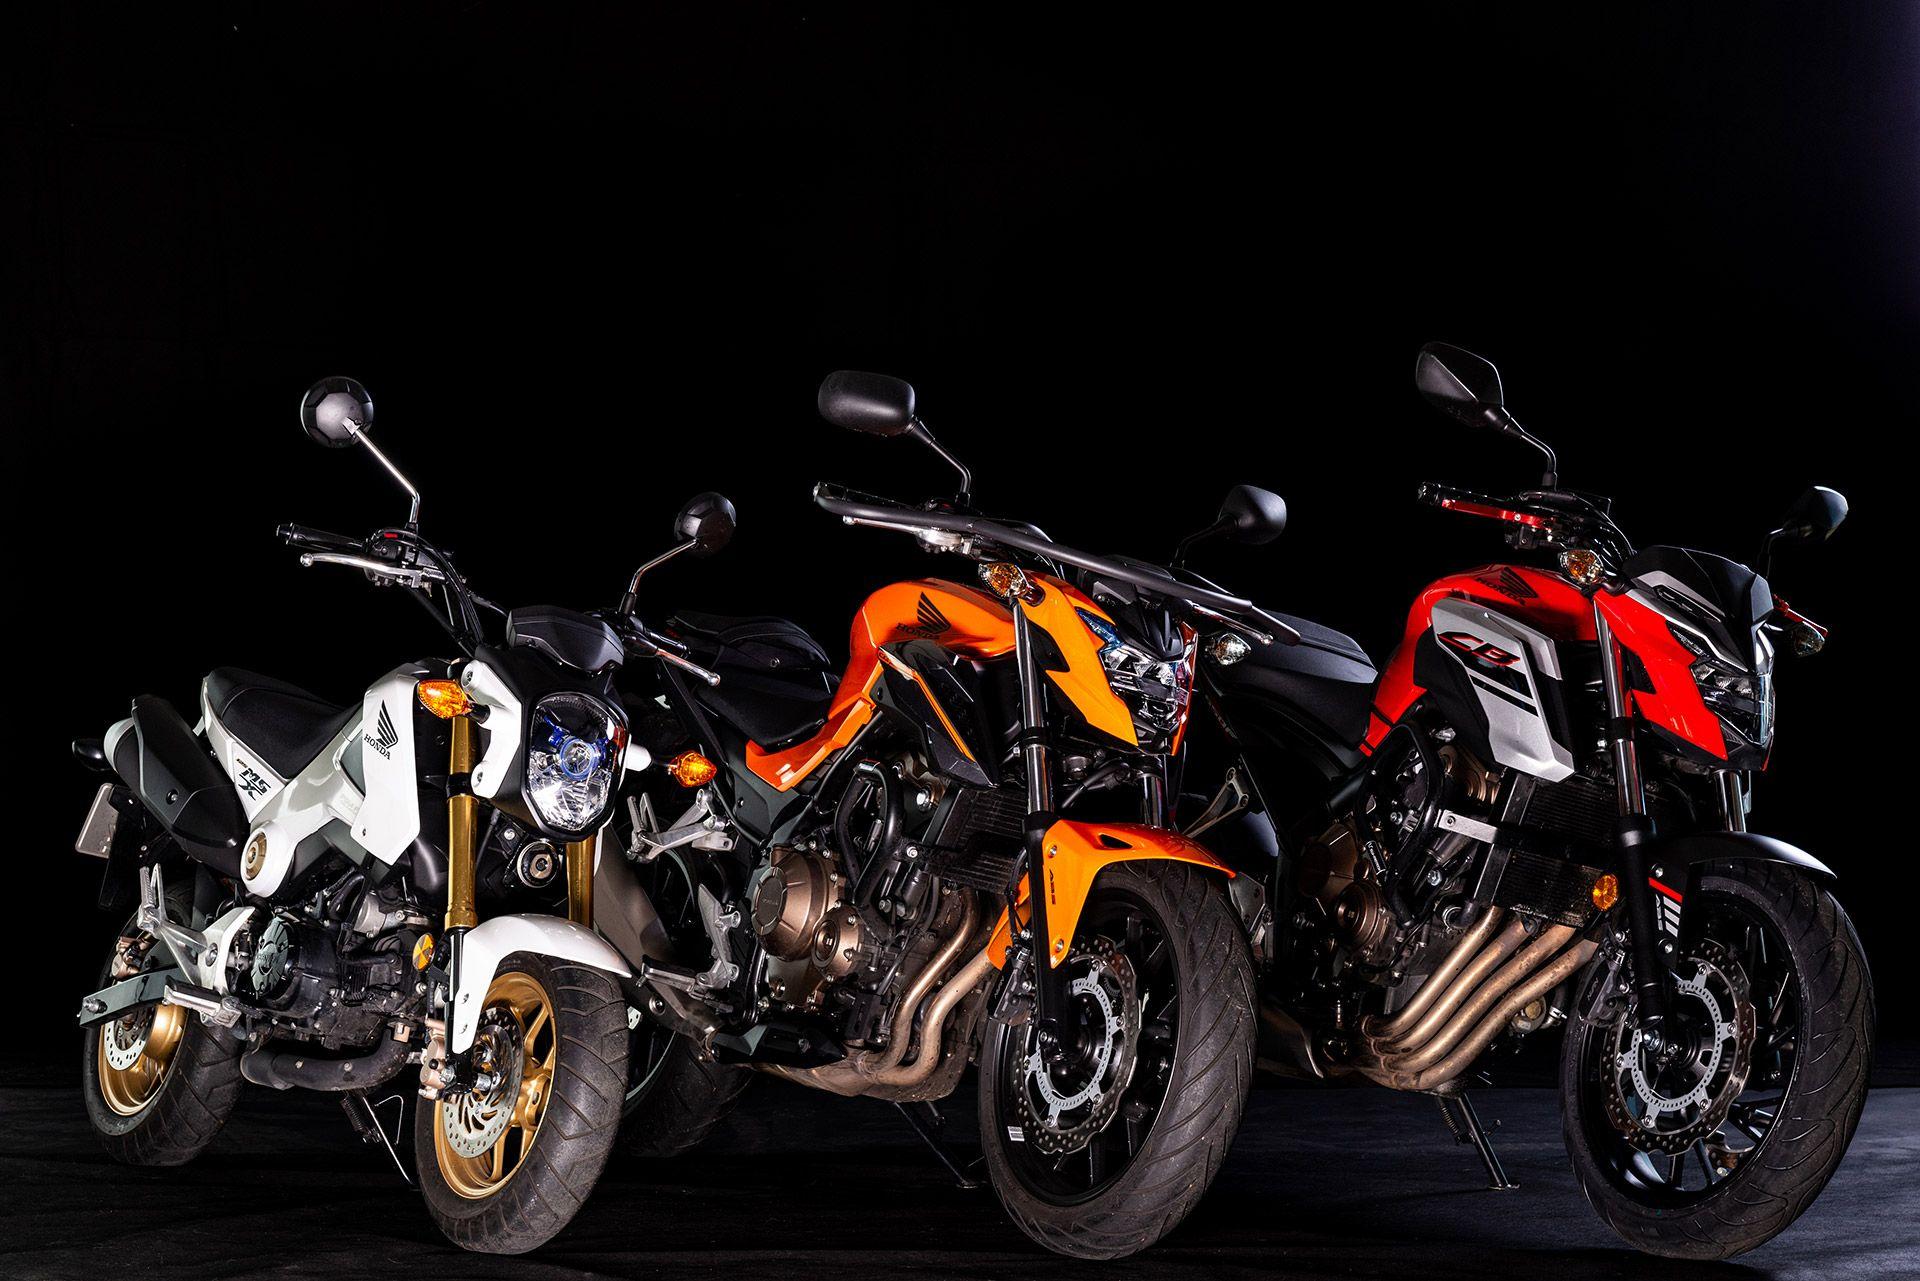 Fahrschule Berlin allroad 3 Motorräder der Marke Honda in Perspektive